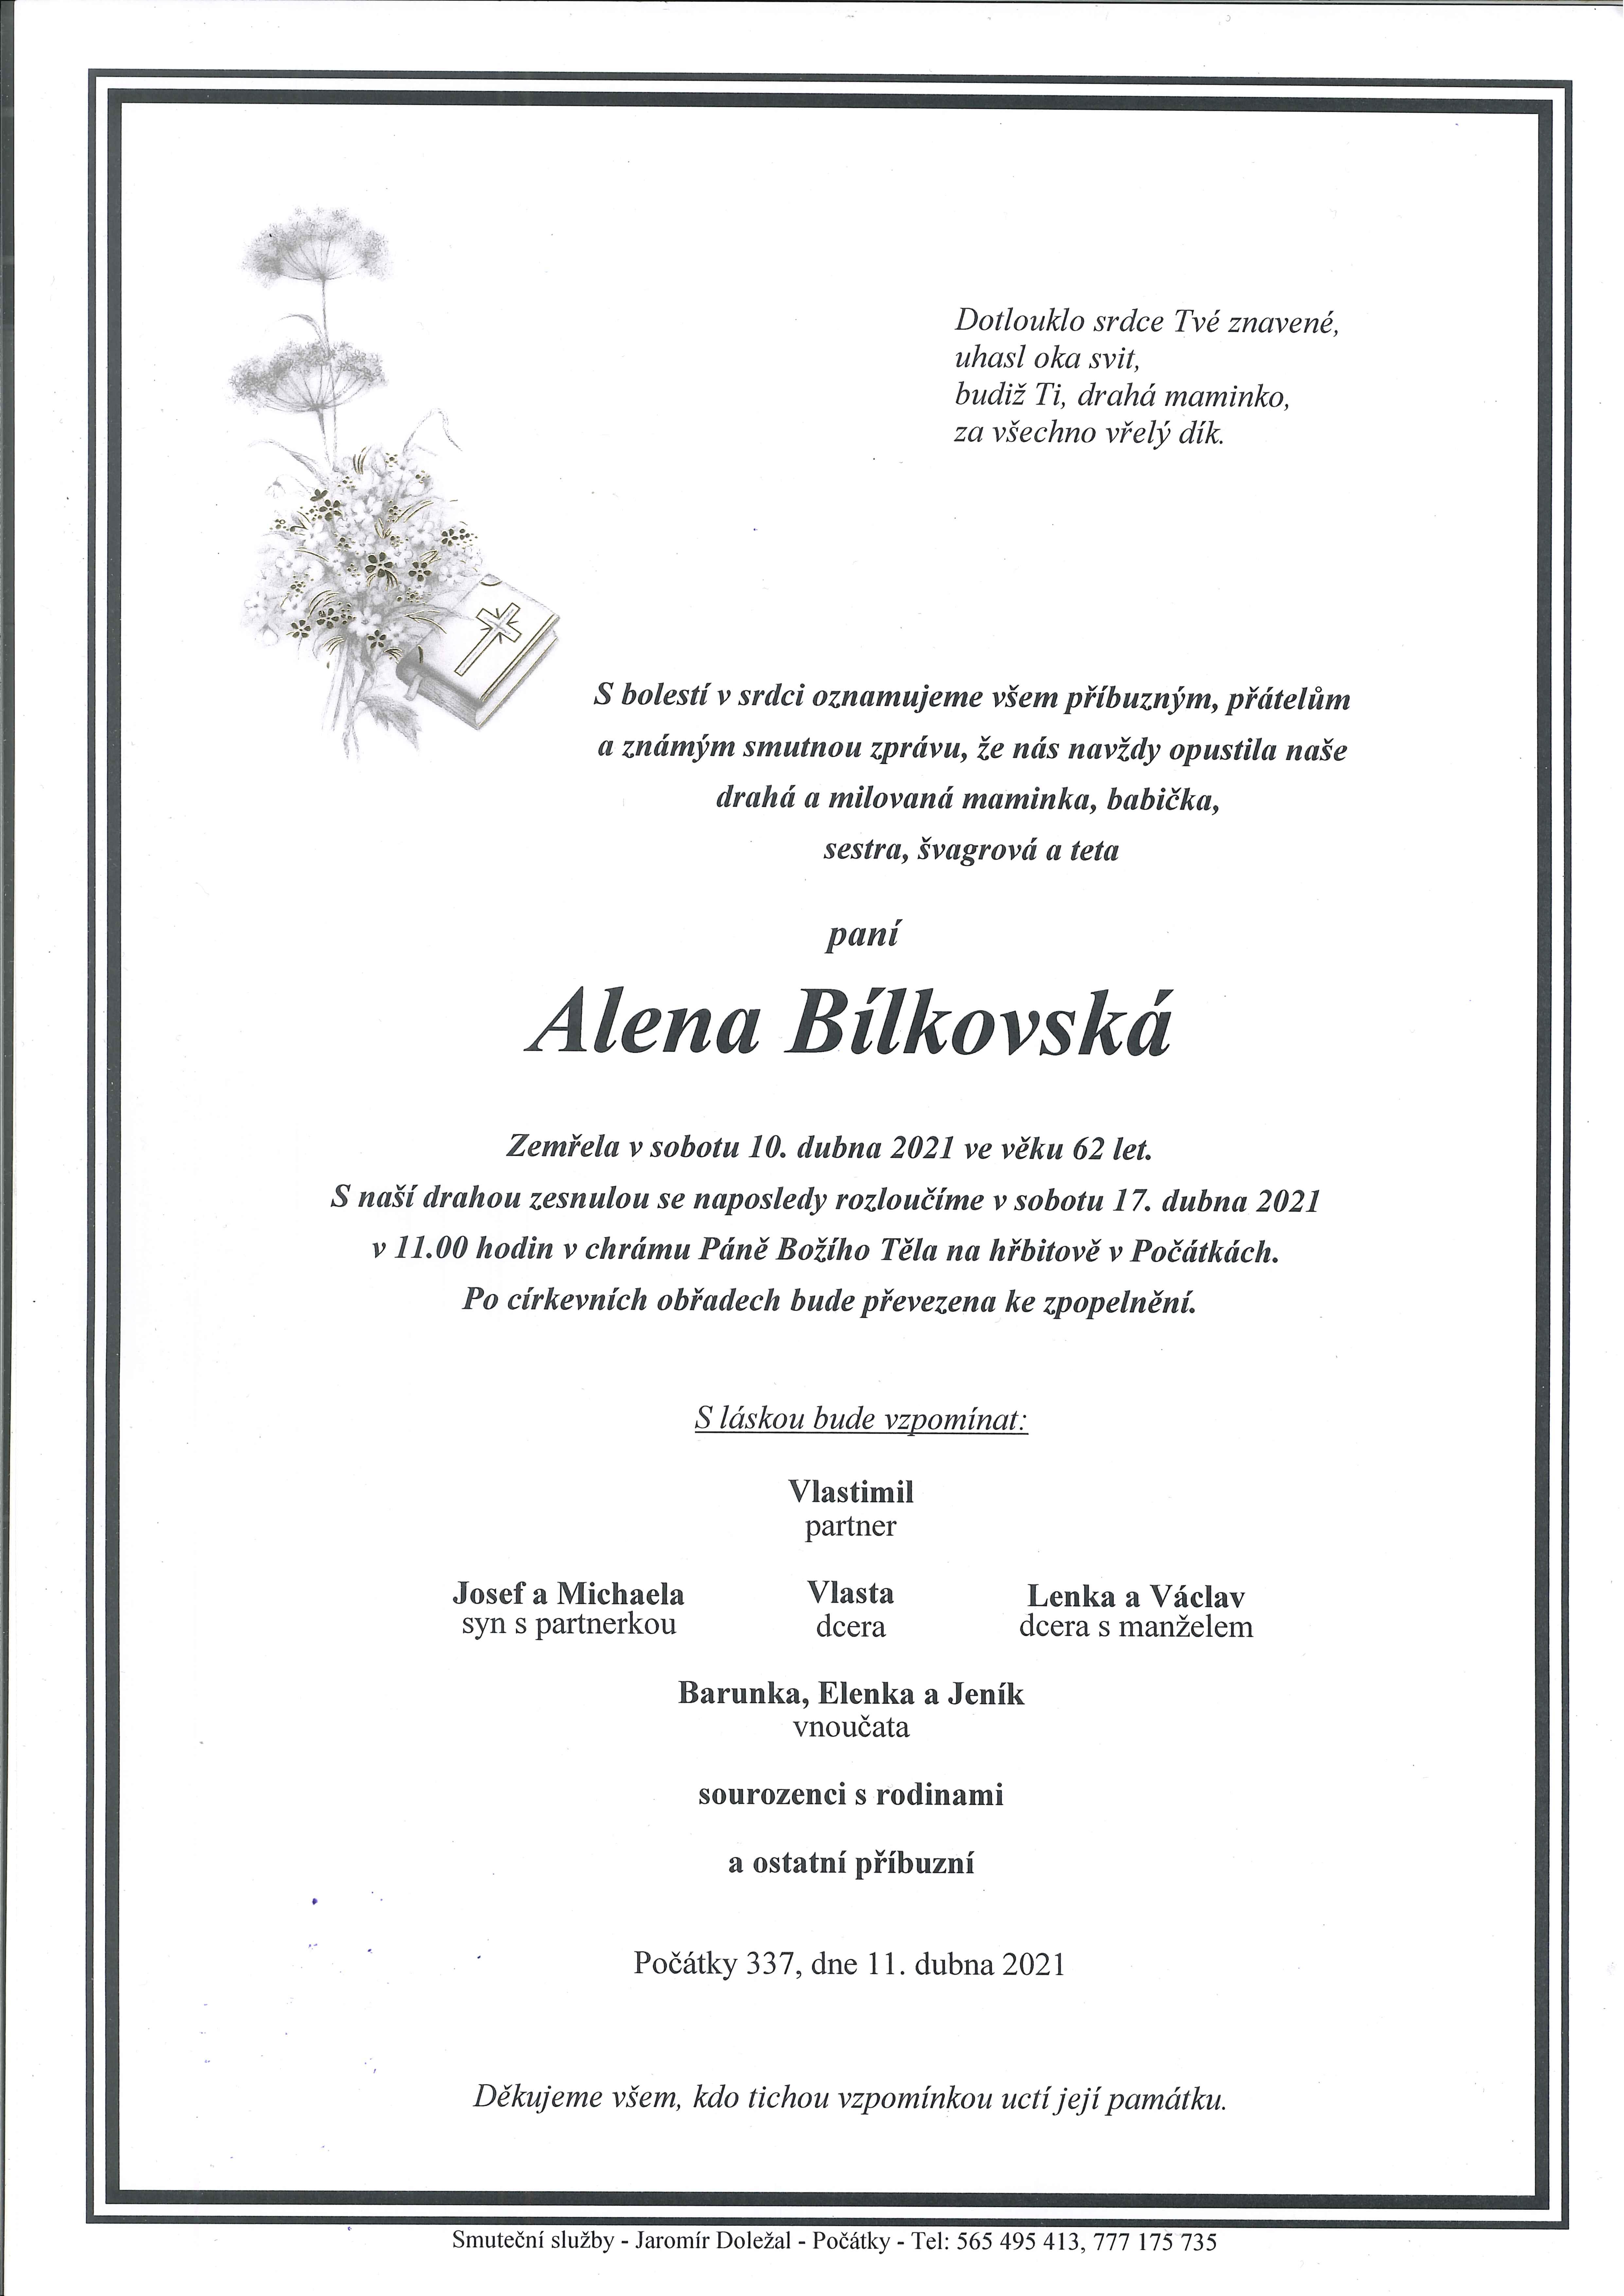 Alena Bílkovská